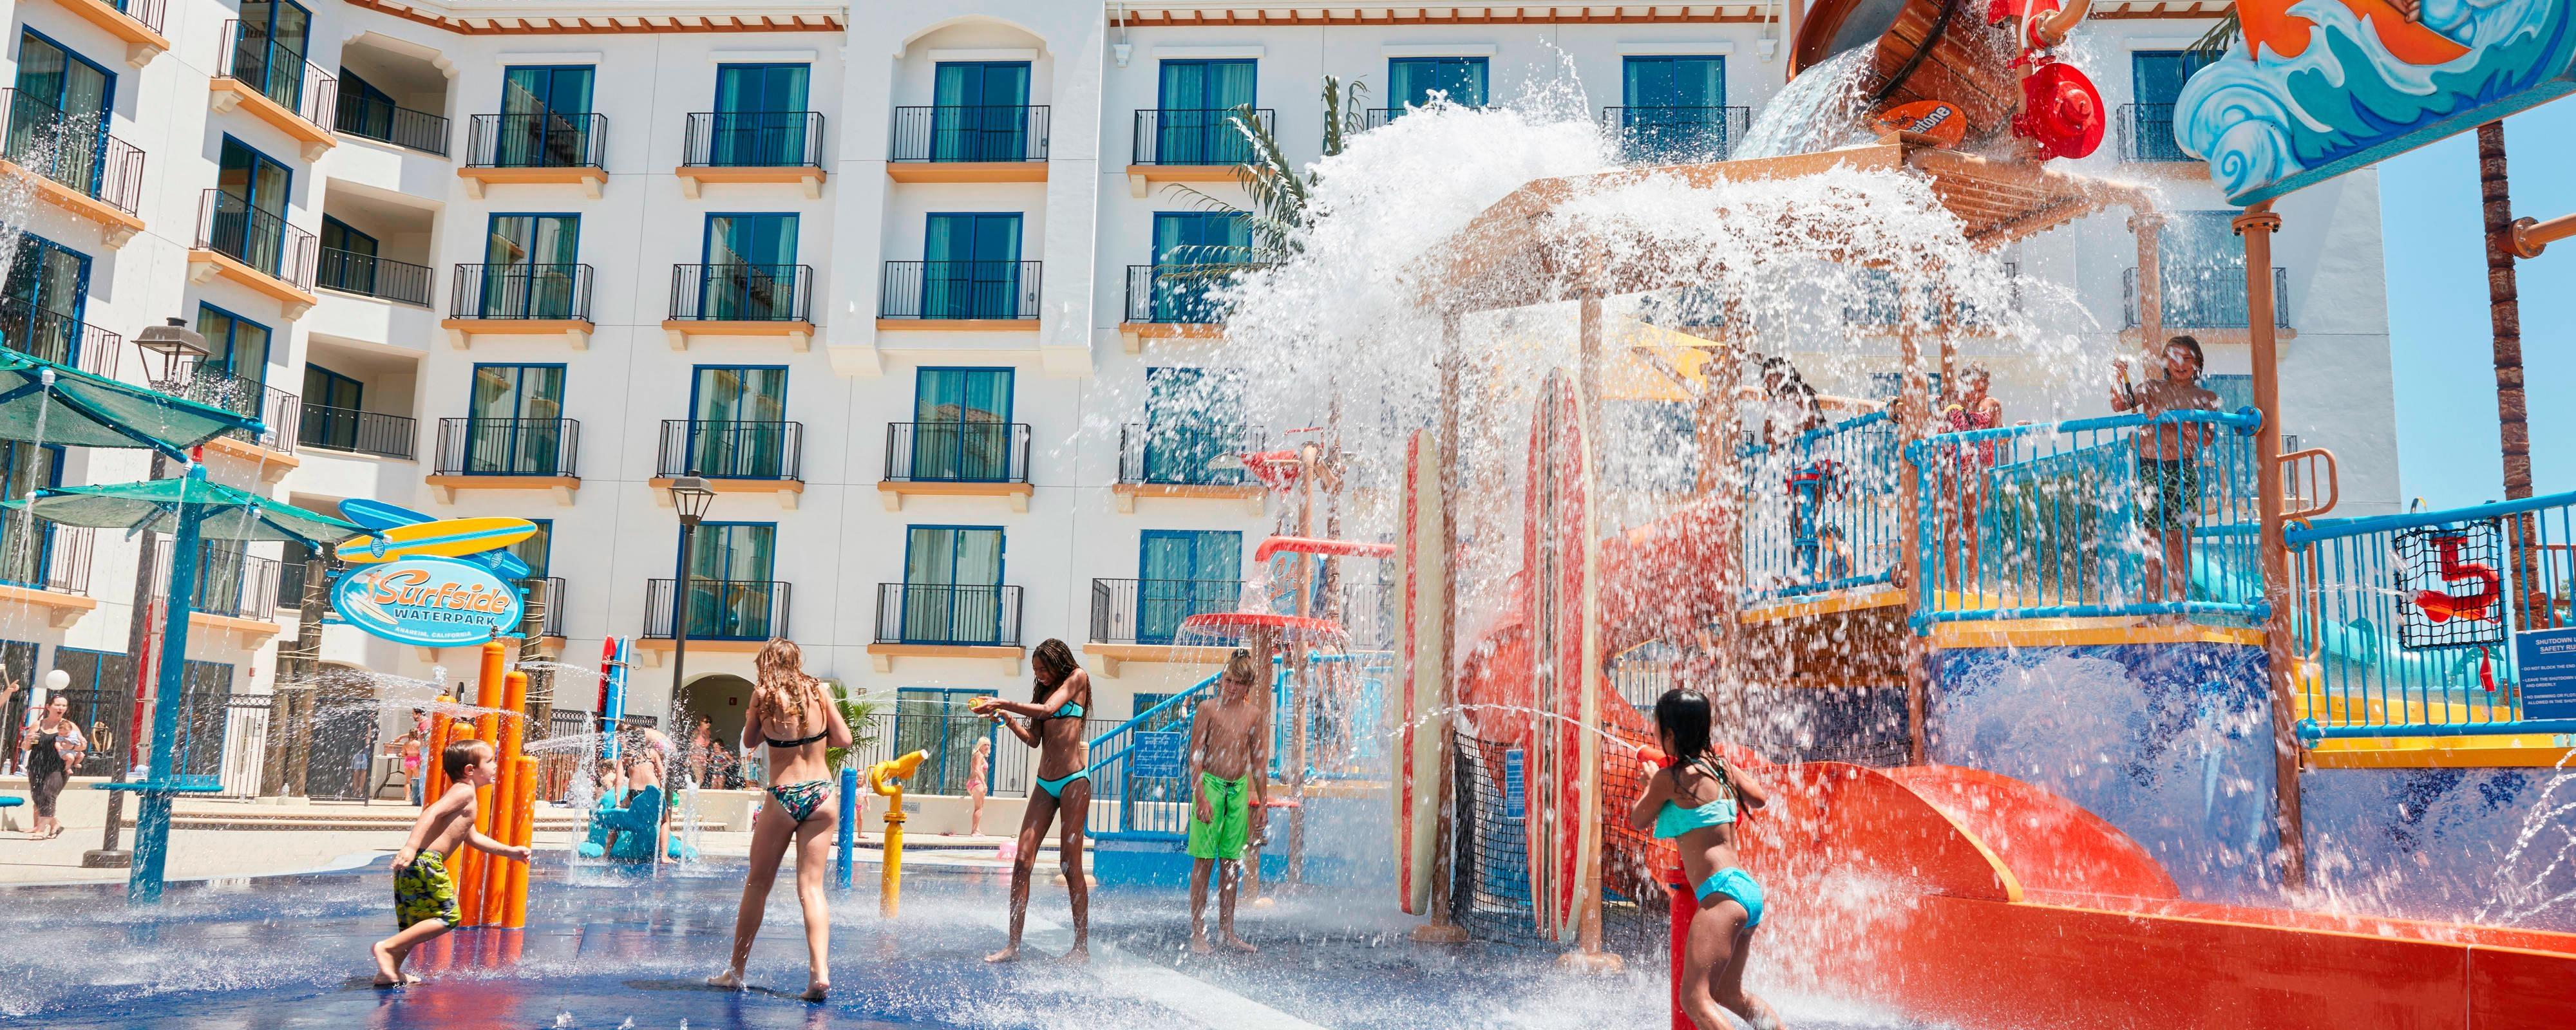 parques aquáticos em anaheim para famílias